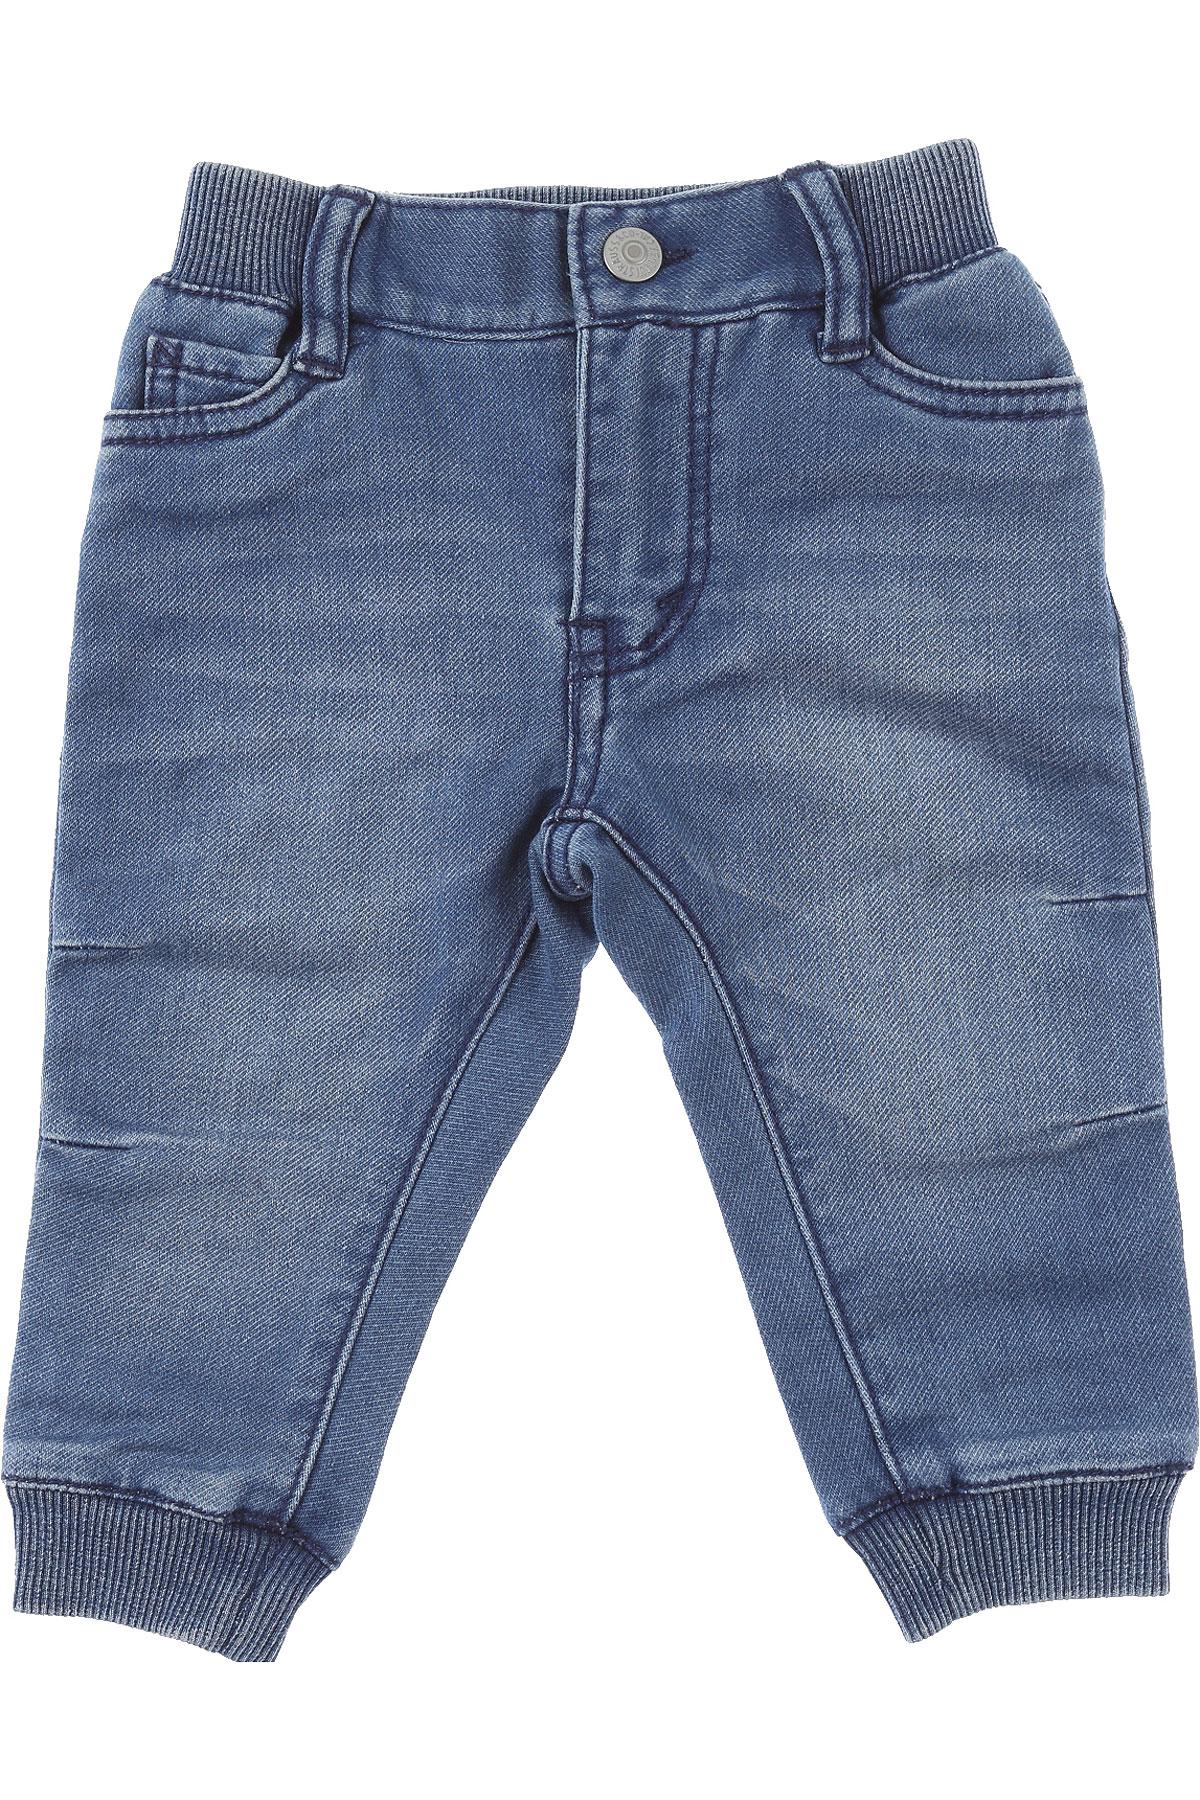 Levis Baby Jeans for Boys On Sale, Blue Denim, Cotton, 2019, 18 M 2Y